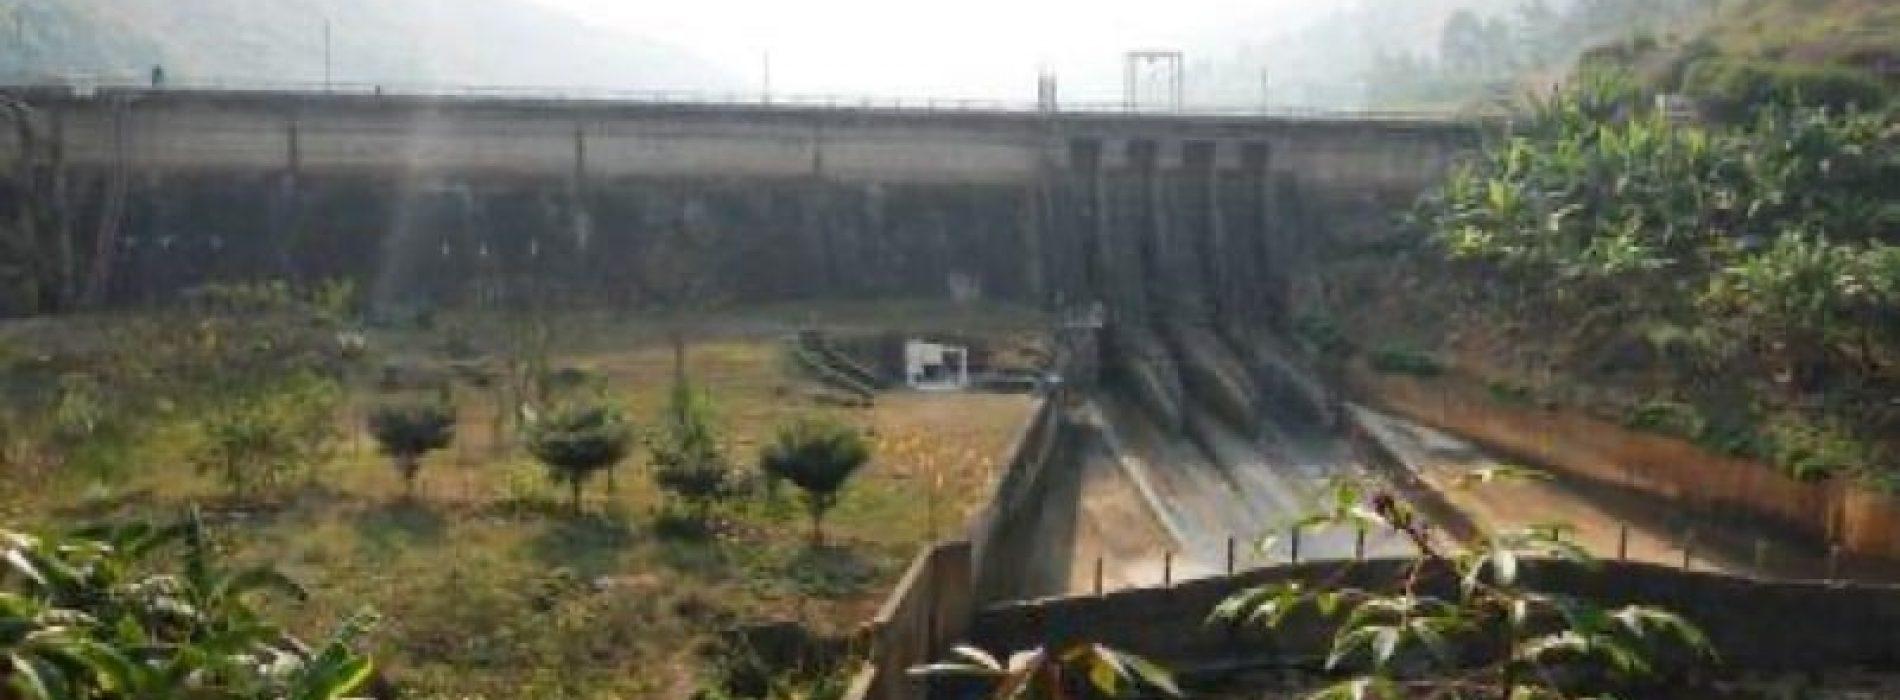 Indetto il bando di gara per i lavori di costruzione della diga Ruzizi III